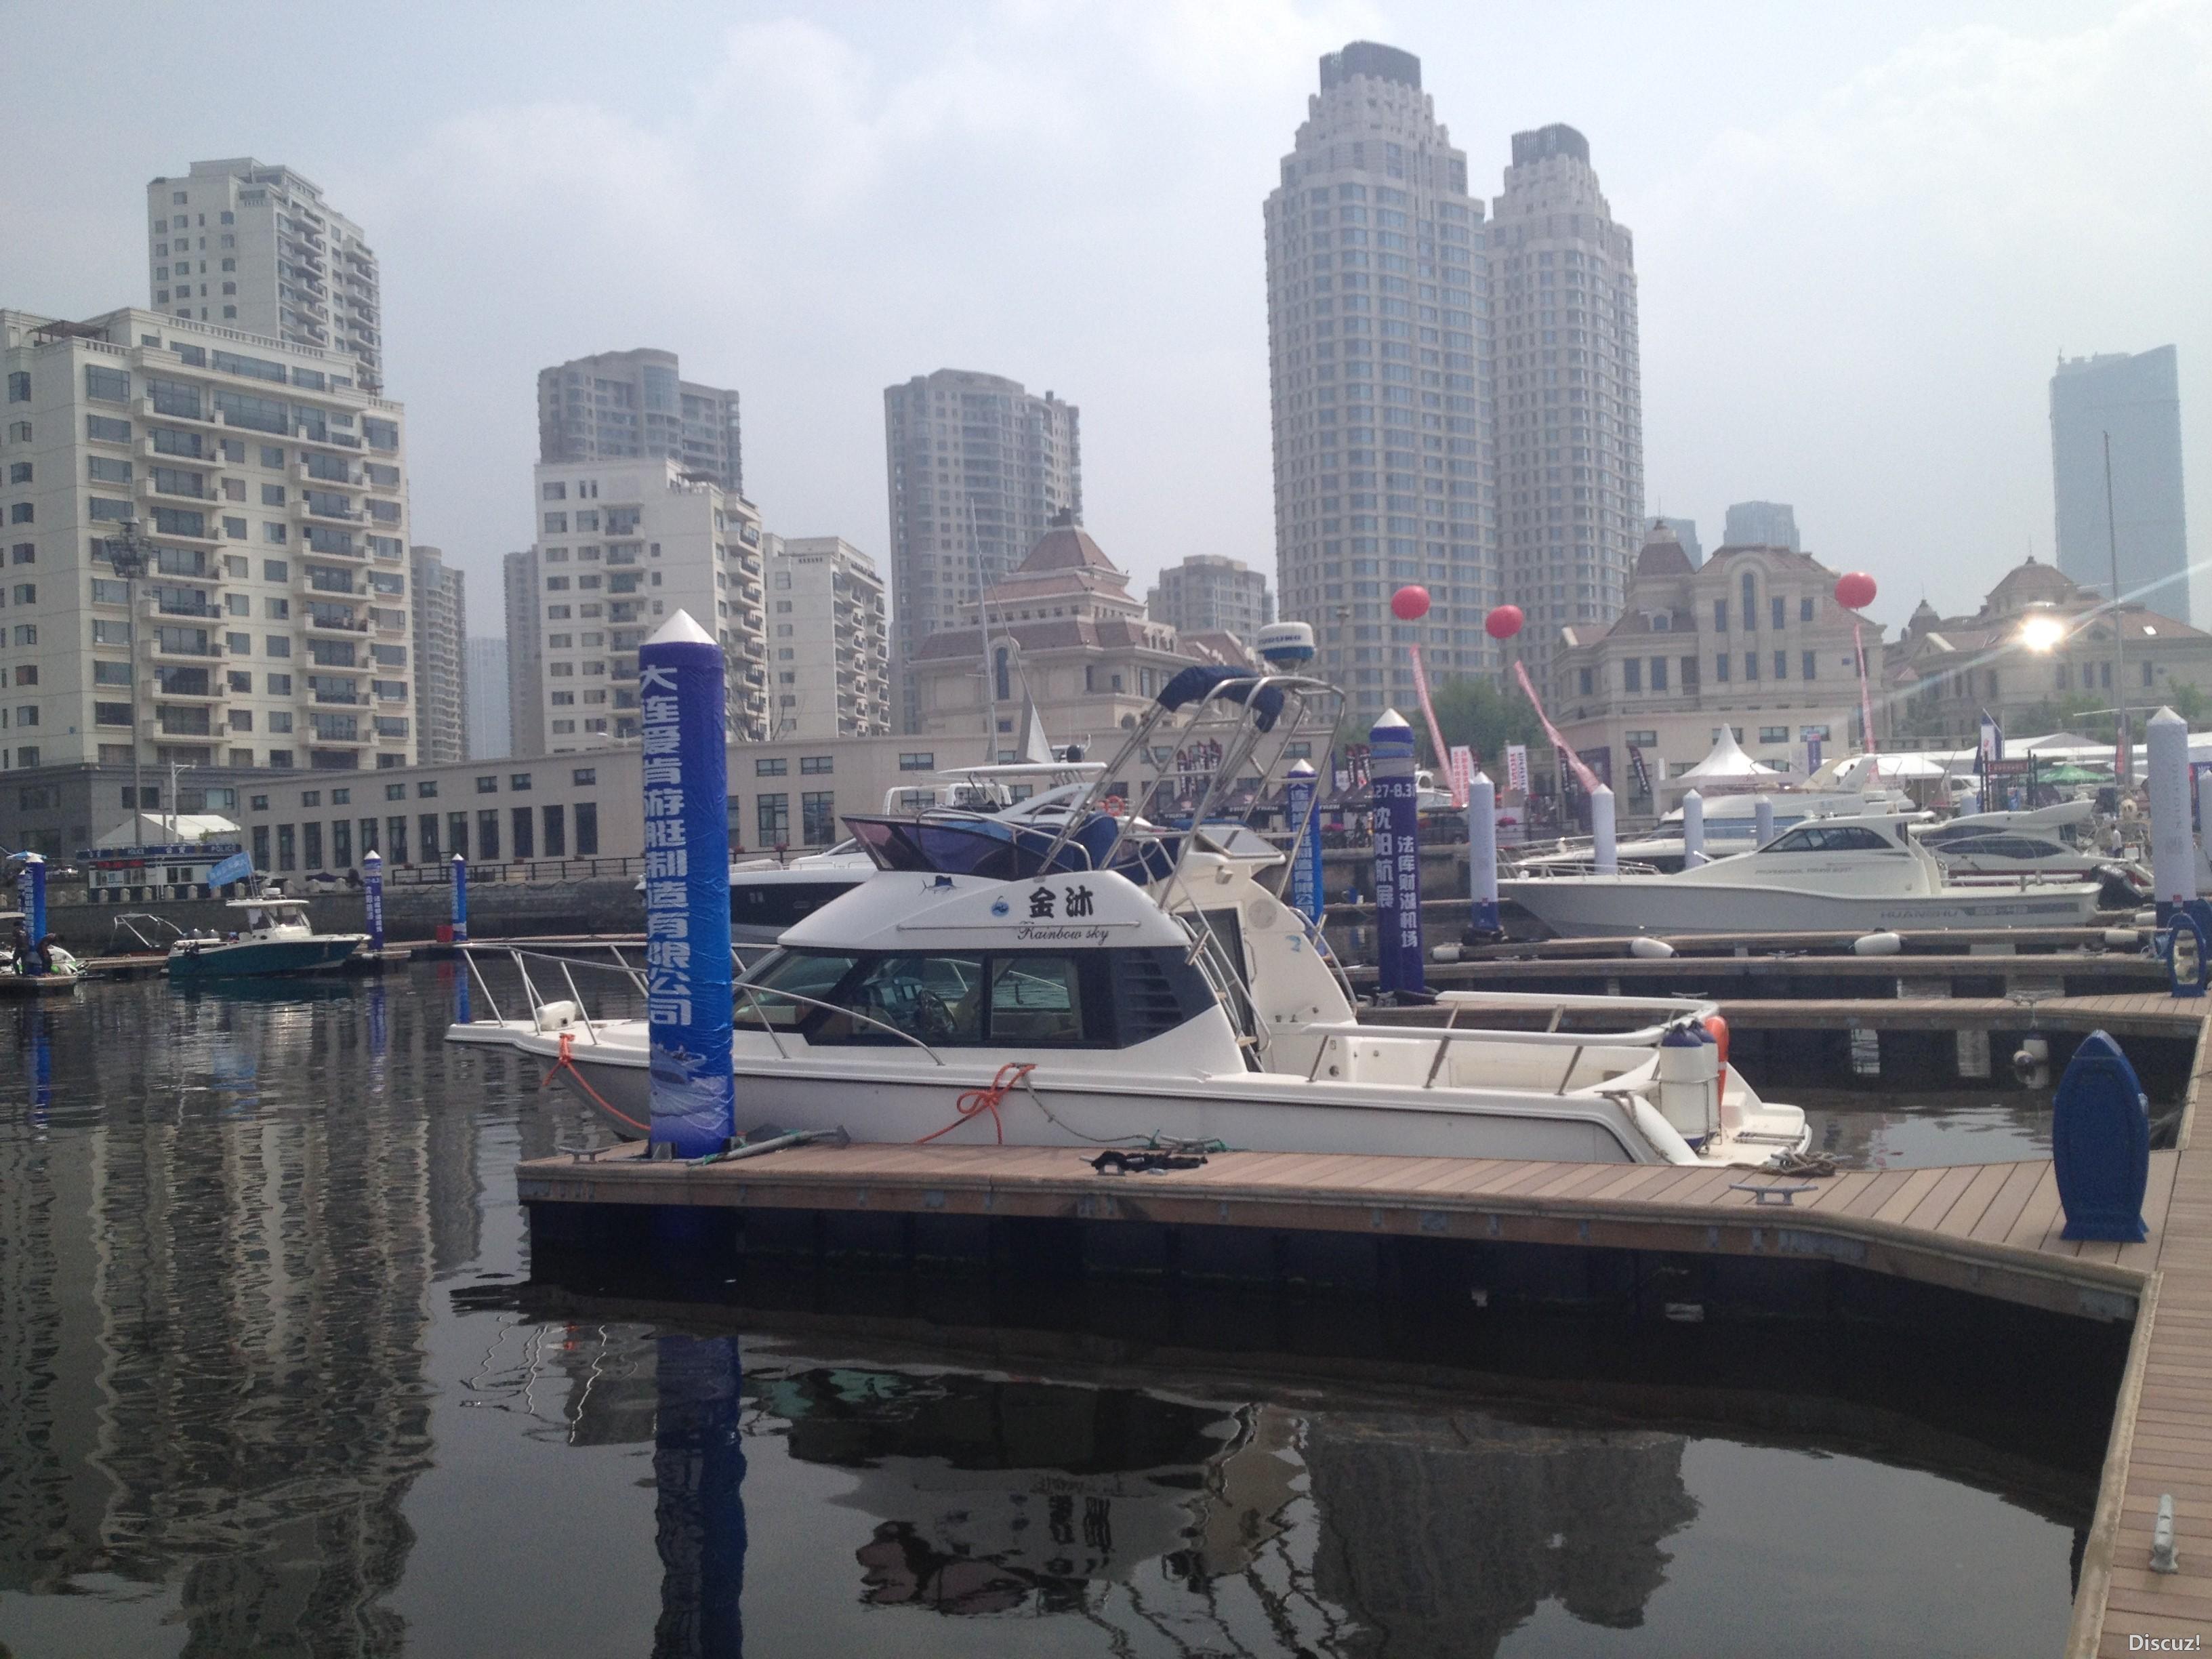 星海湾,大连 大连星海湾游艇展会 IMG_4451.JPG